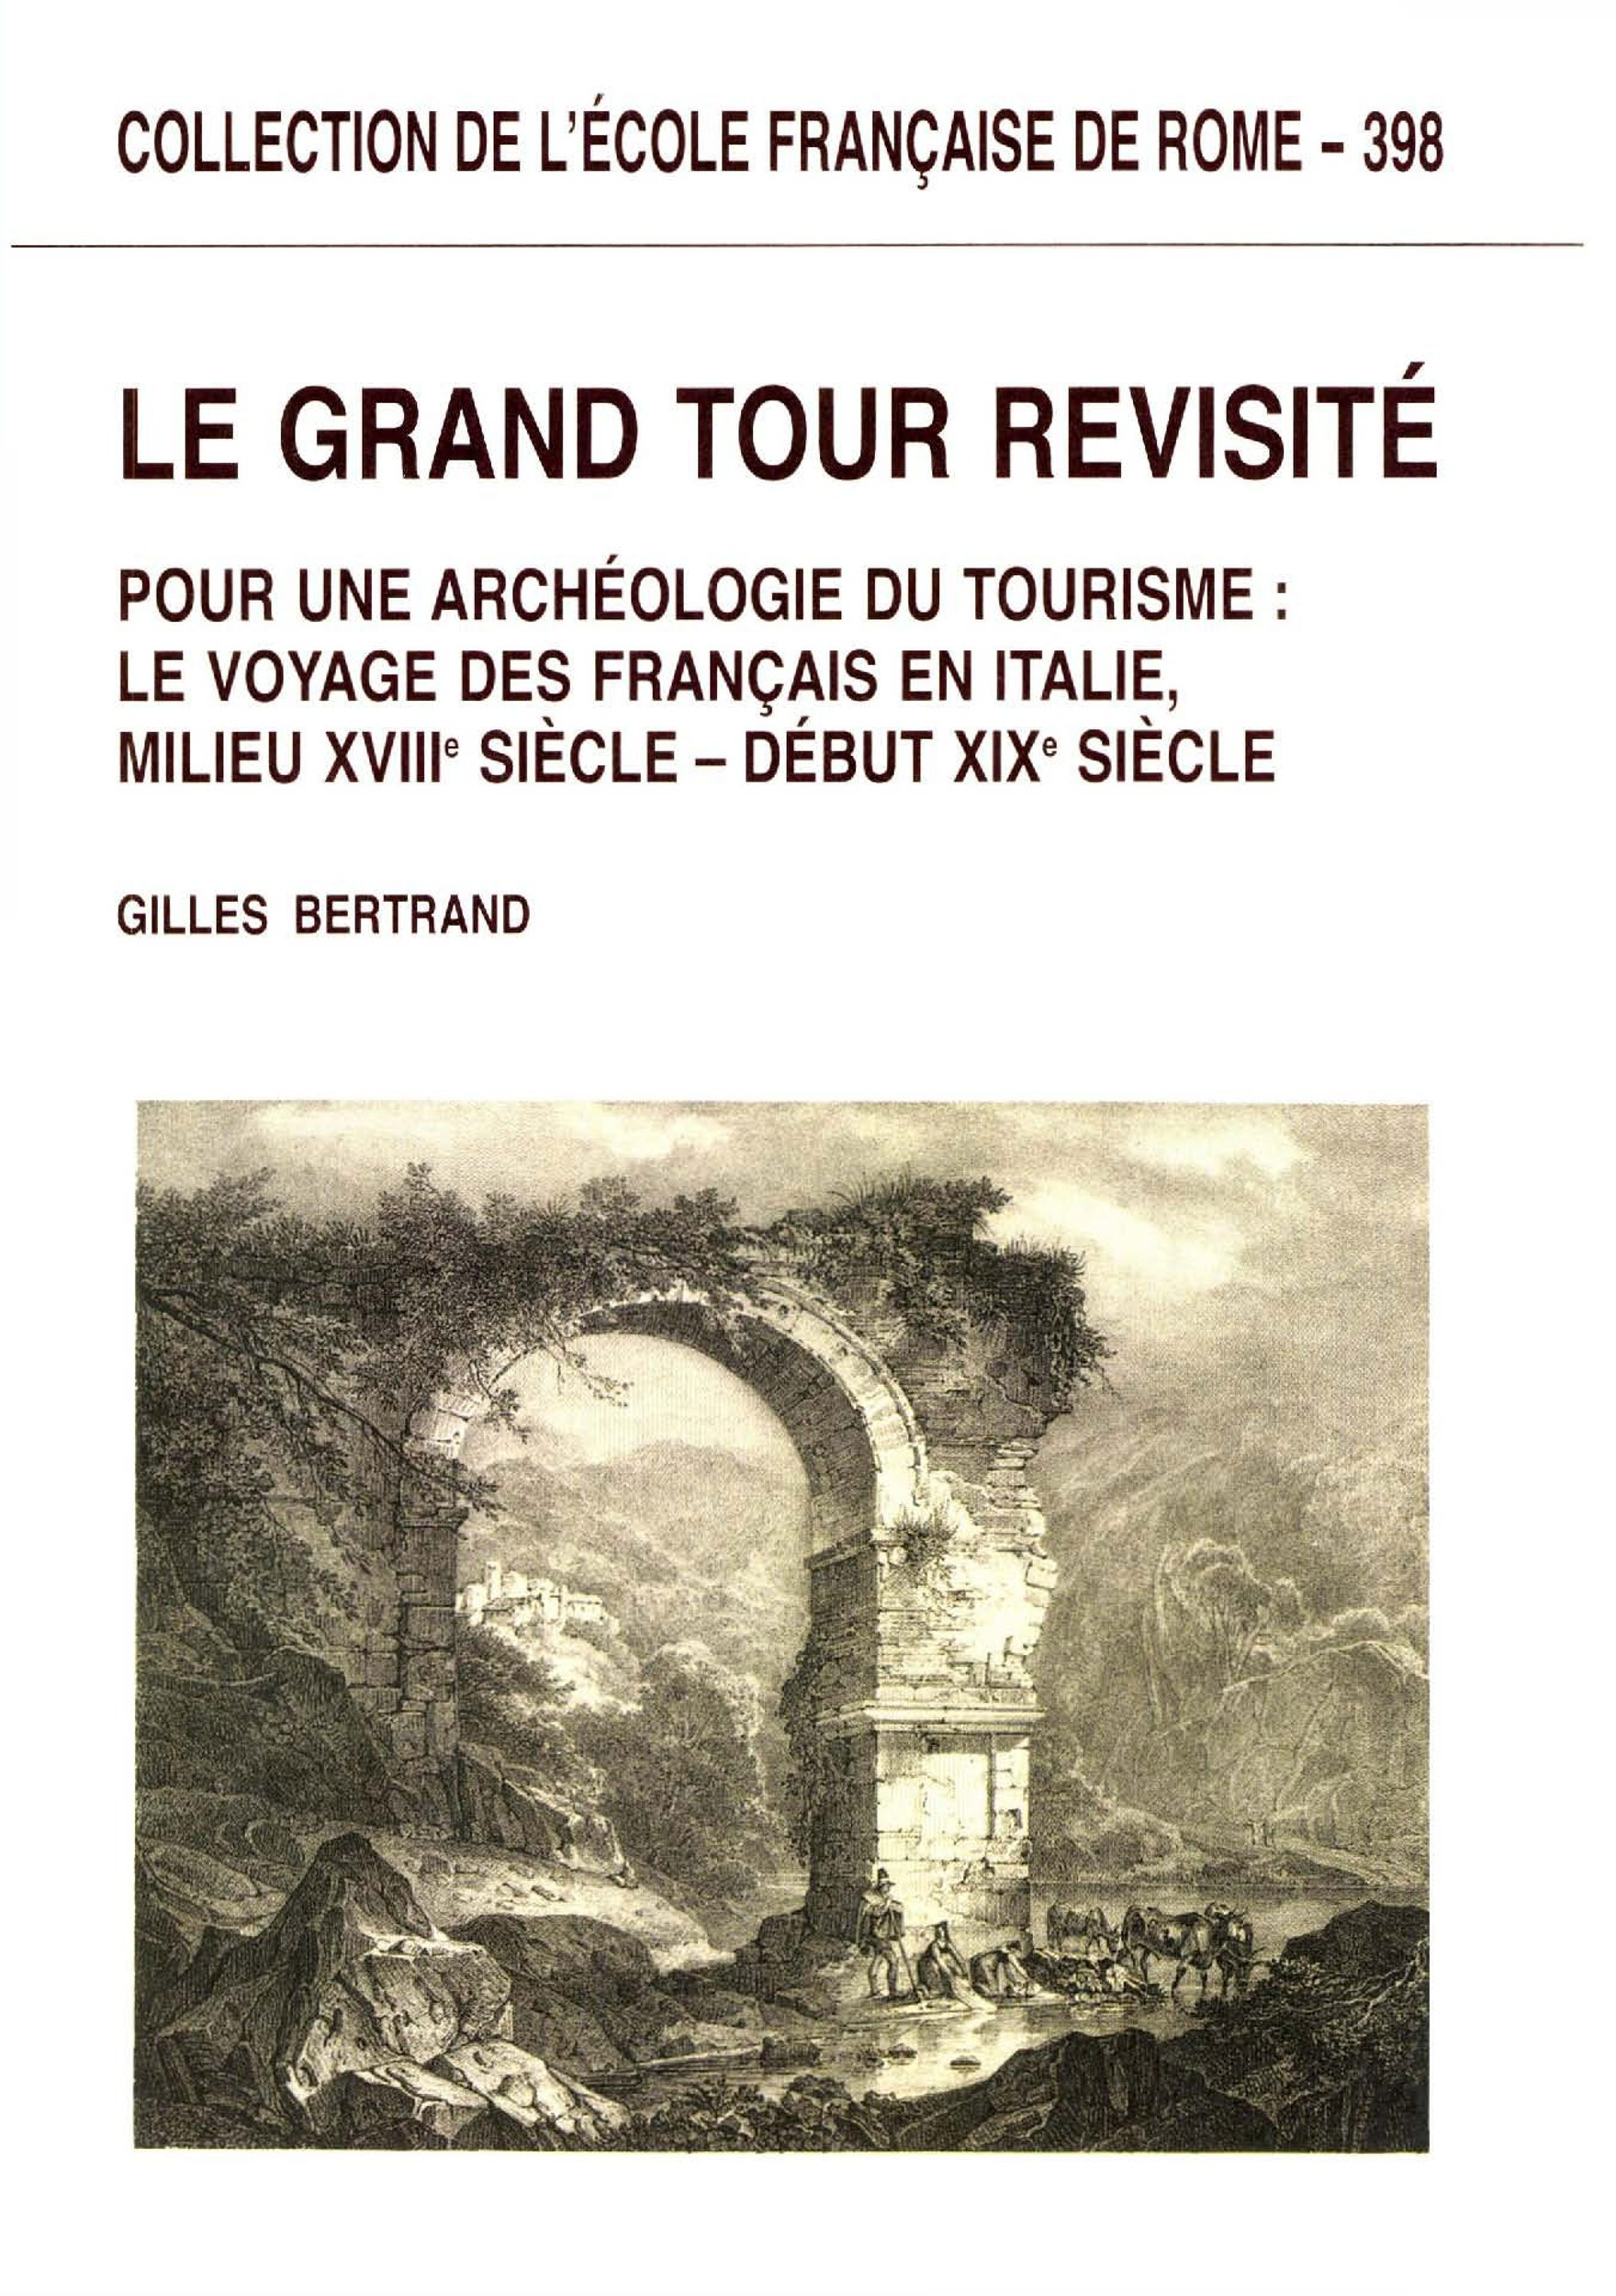 Le grand tour revisité ; pour une archéologie du tourisme ; le voyage des français en Italie XVIII-XIXe siècle